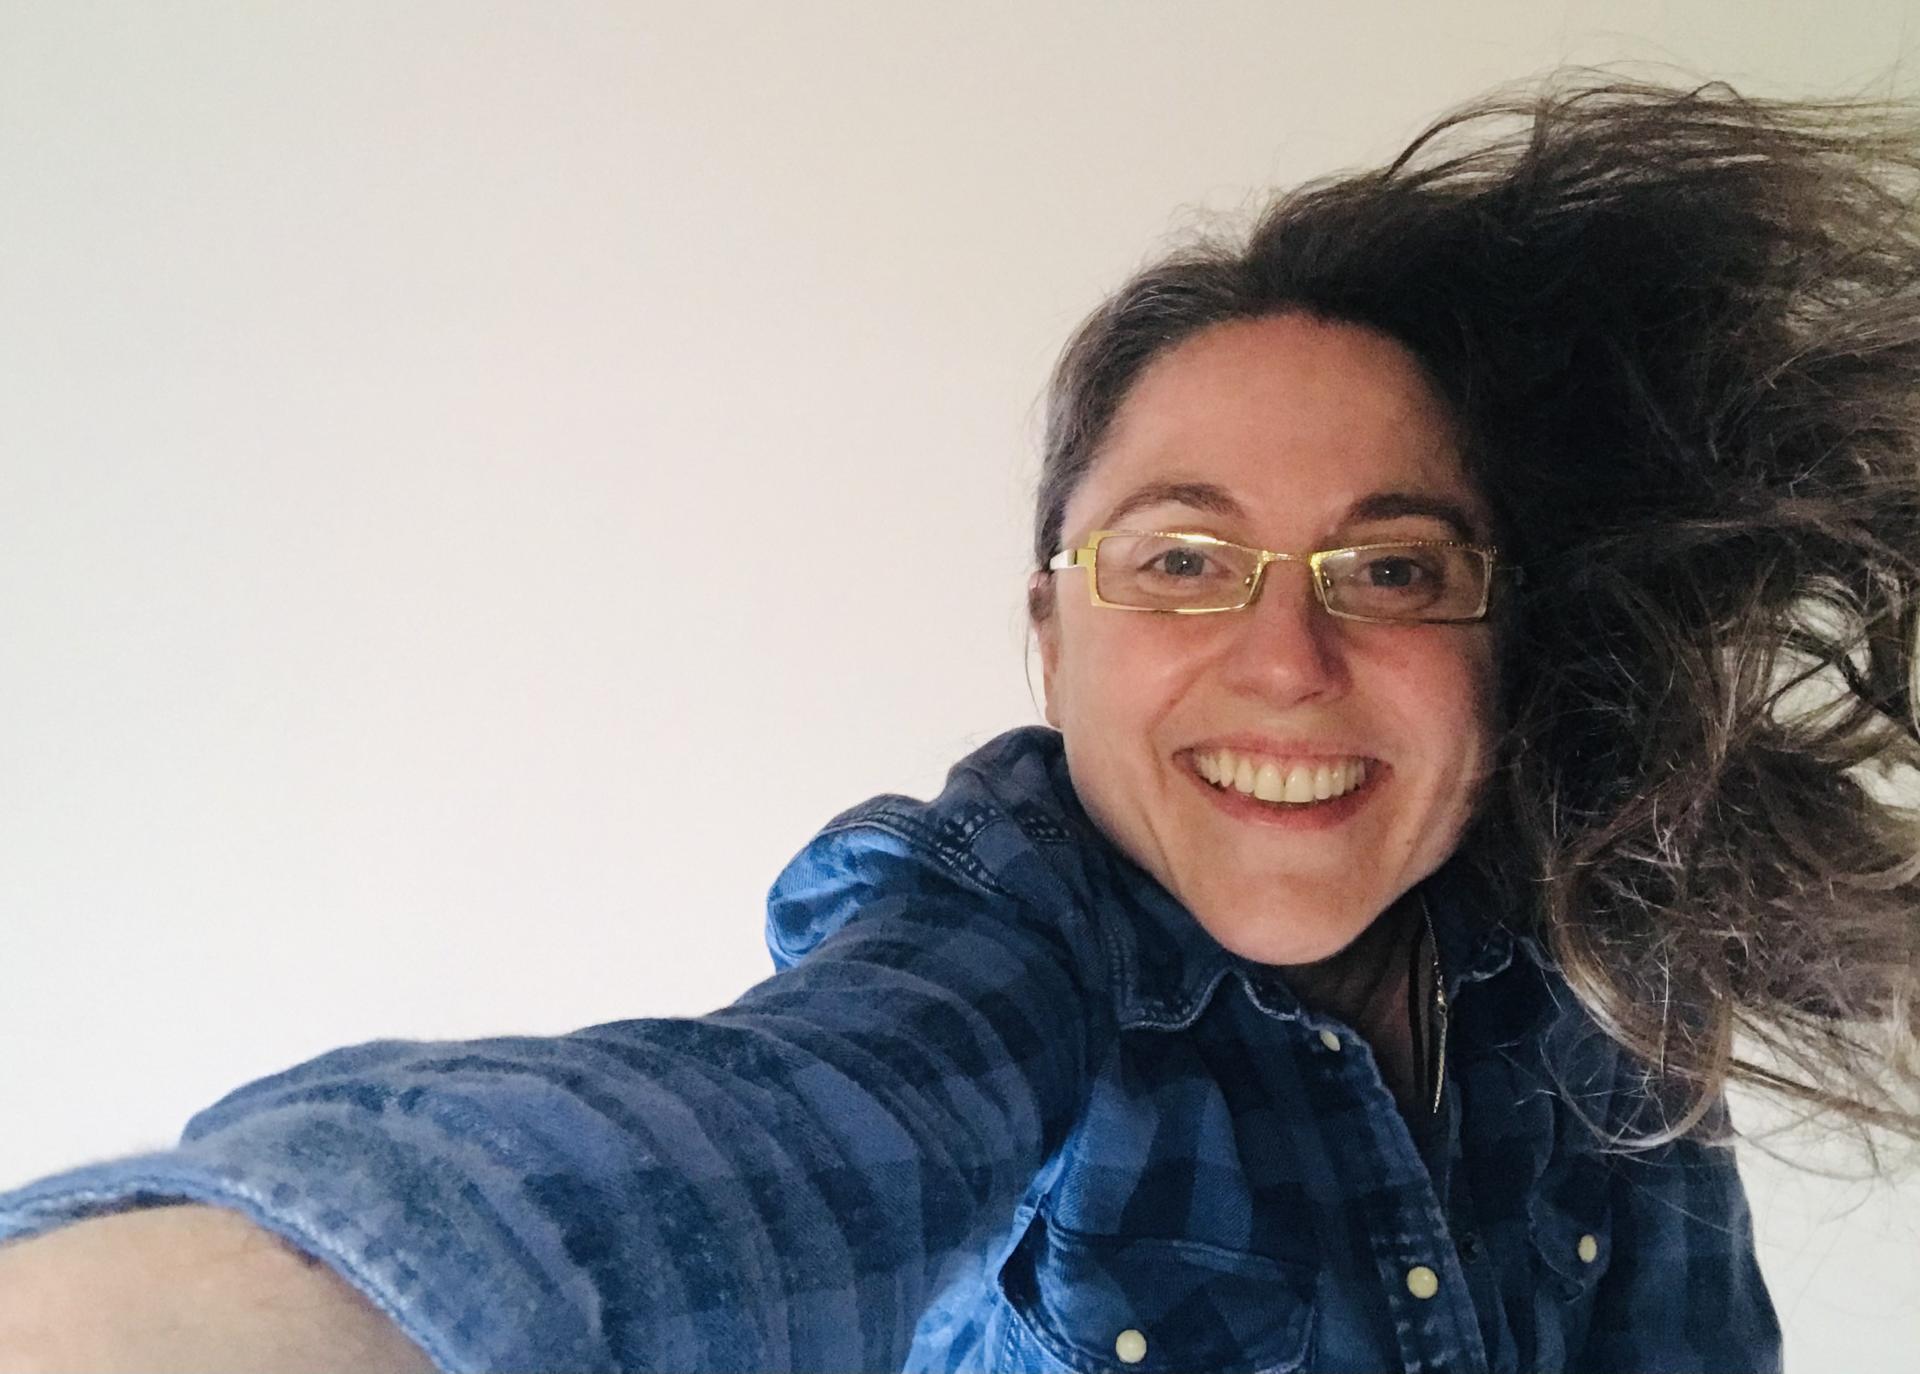 Laia Noguera